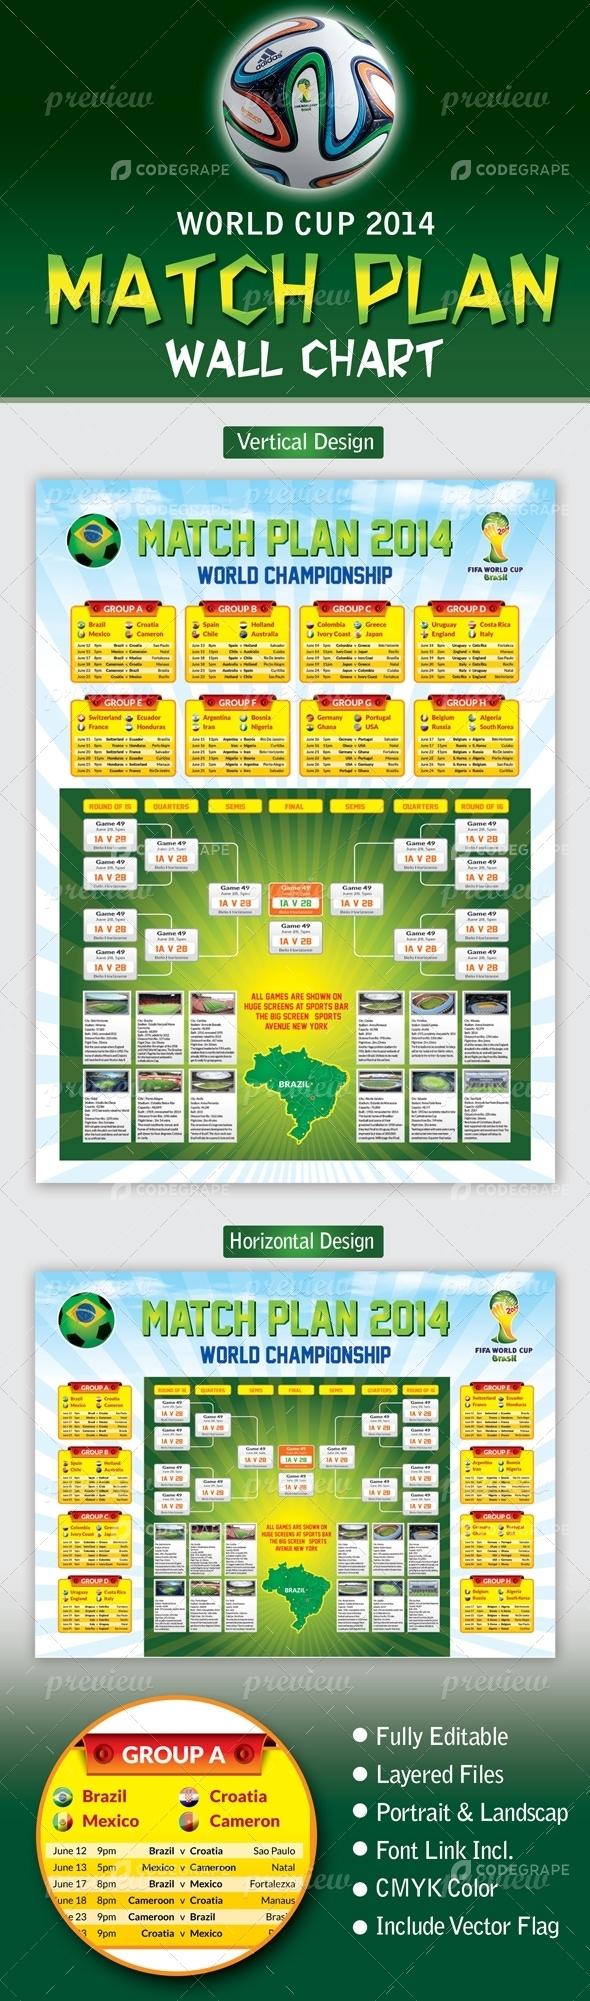 World Cup Matchplan 2018 Wallchart